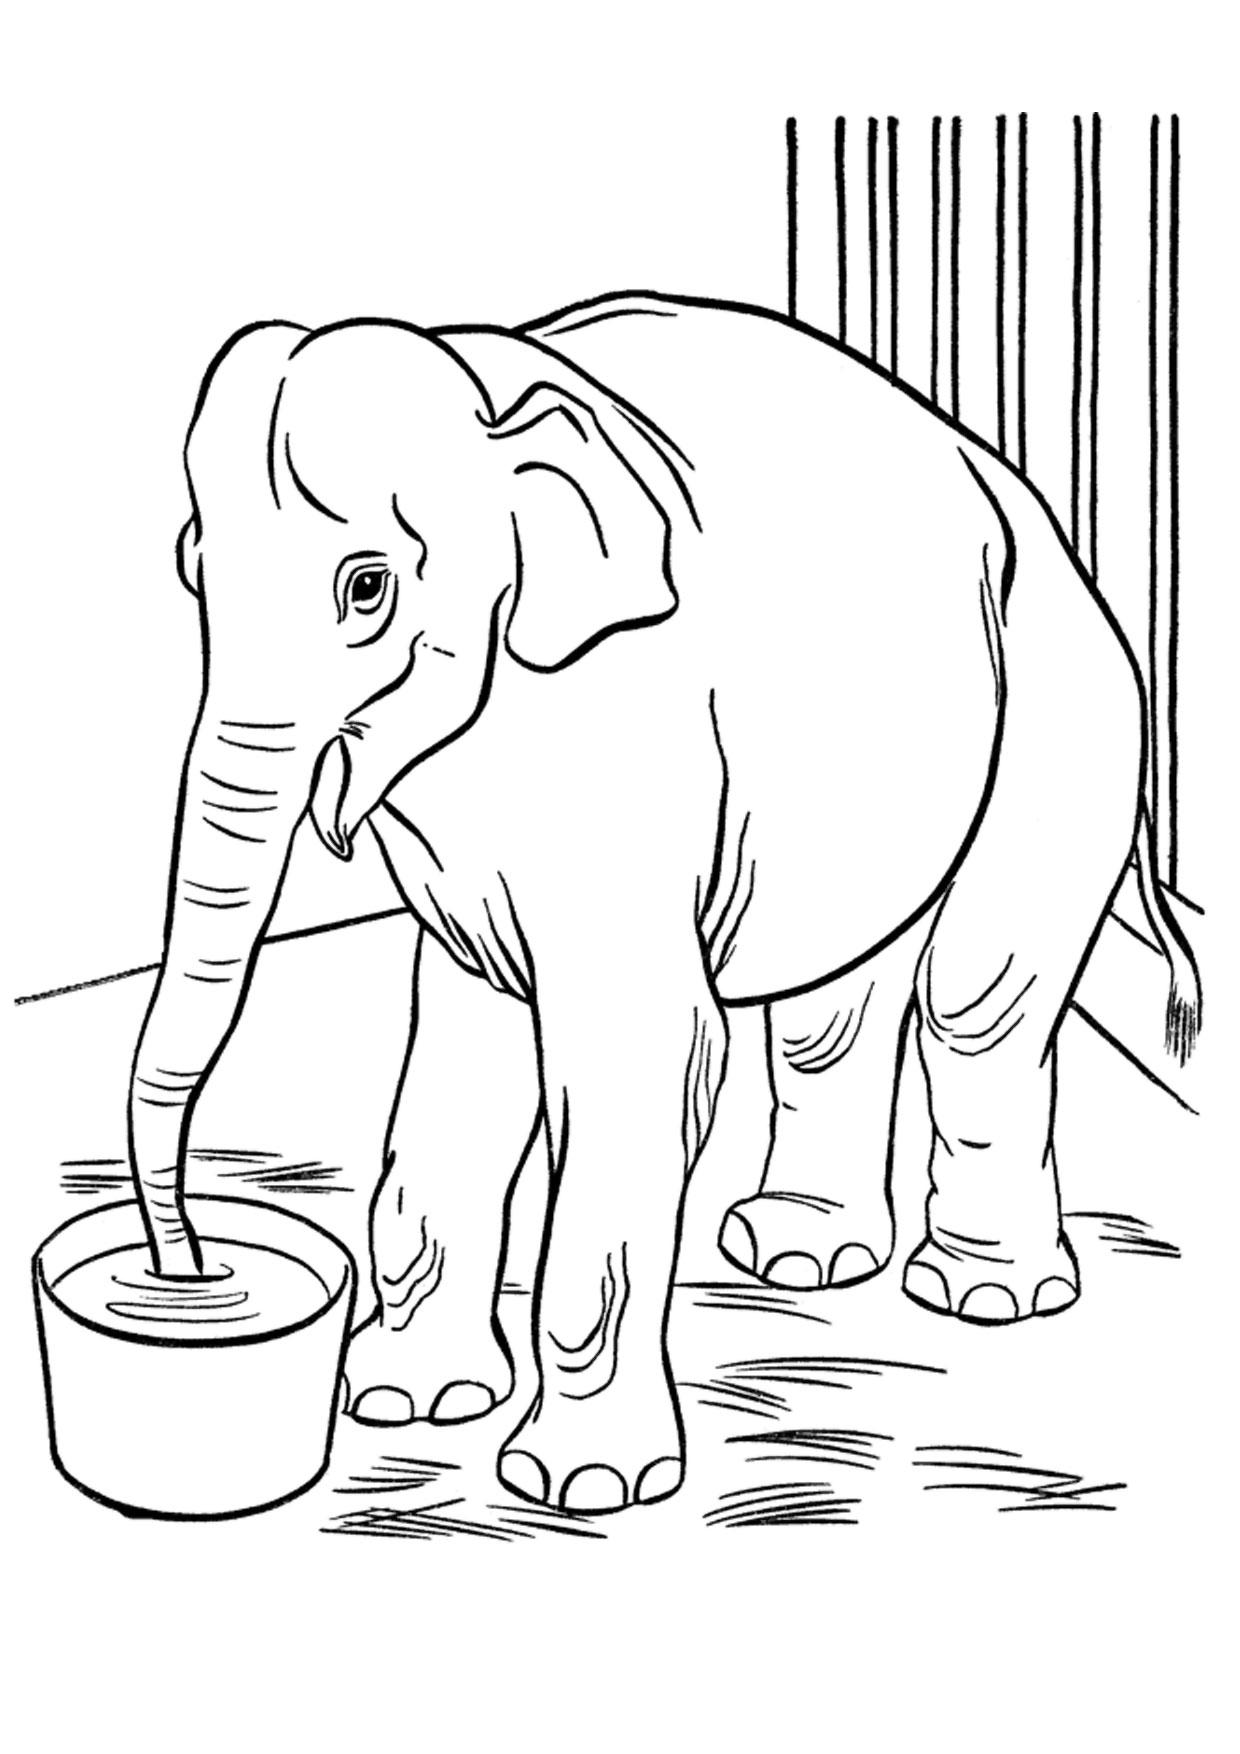 Disegno di elefanti da colorare 28